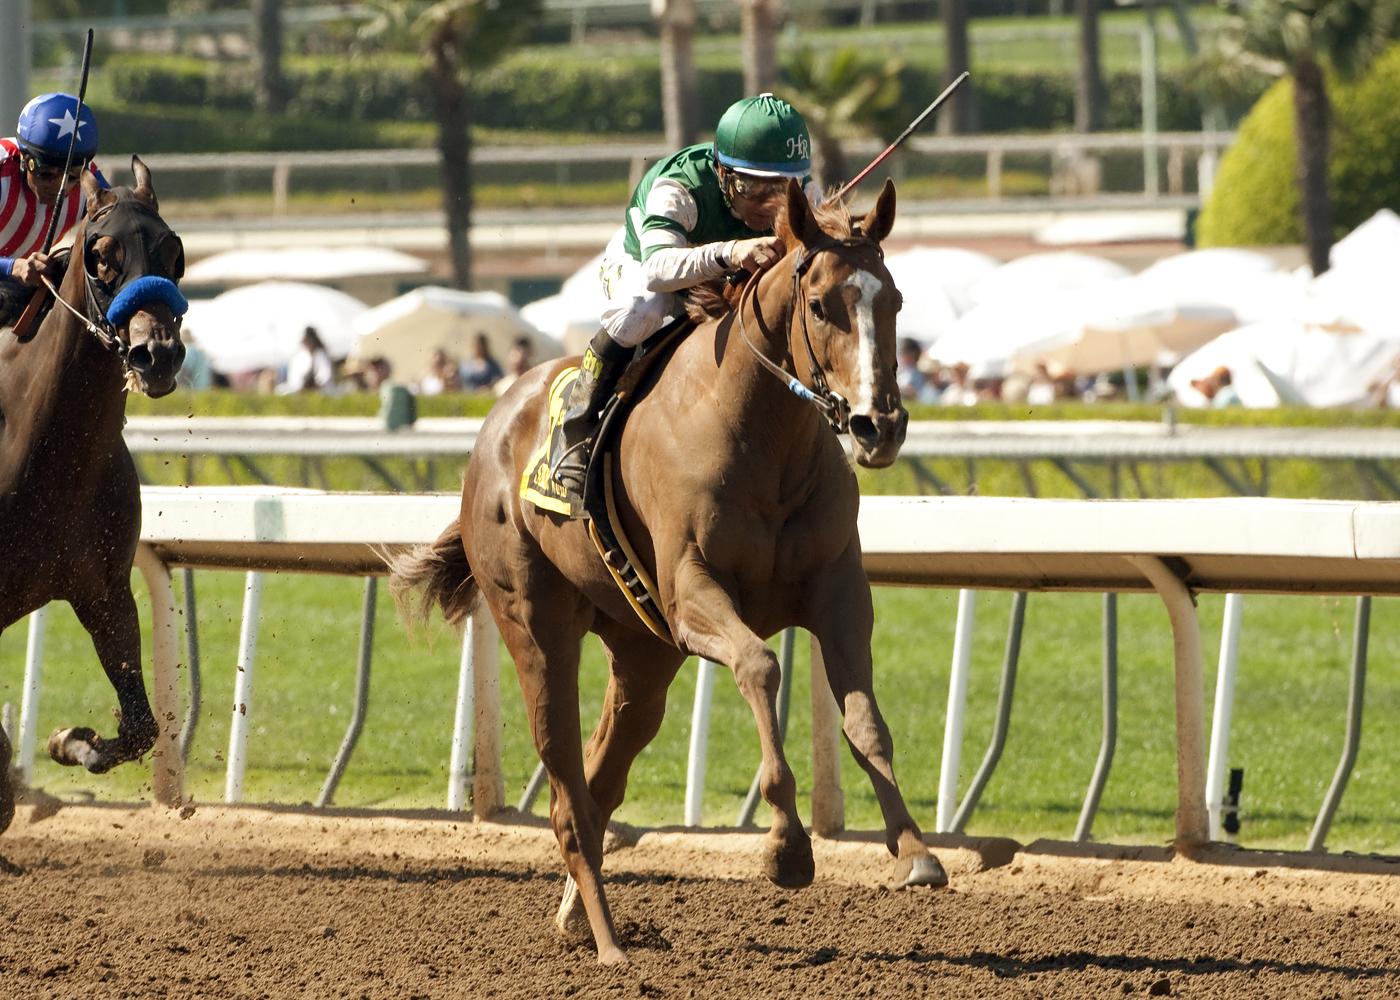 Virginia-bred Stellar Wind wins the Grade I $400,000 Santa Anita Oaks April 4, 2015 at Santa Anita.